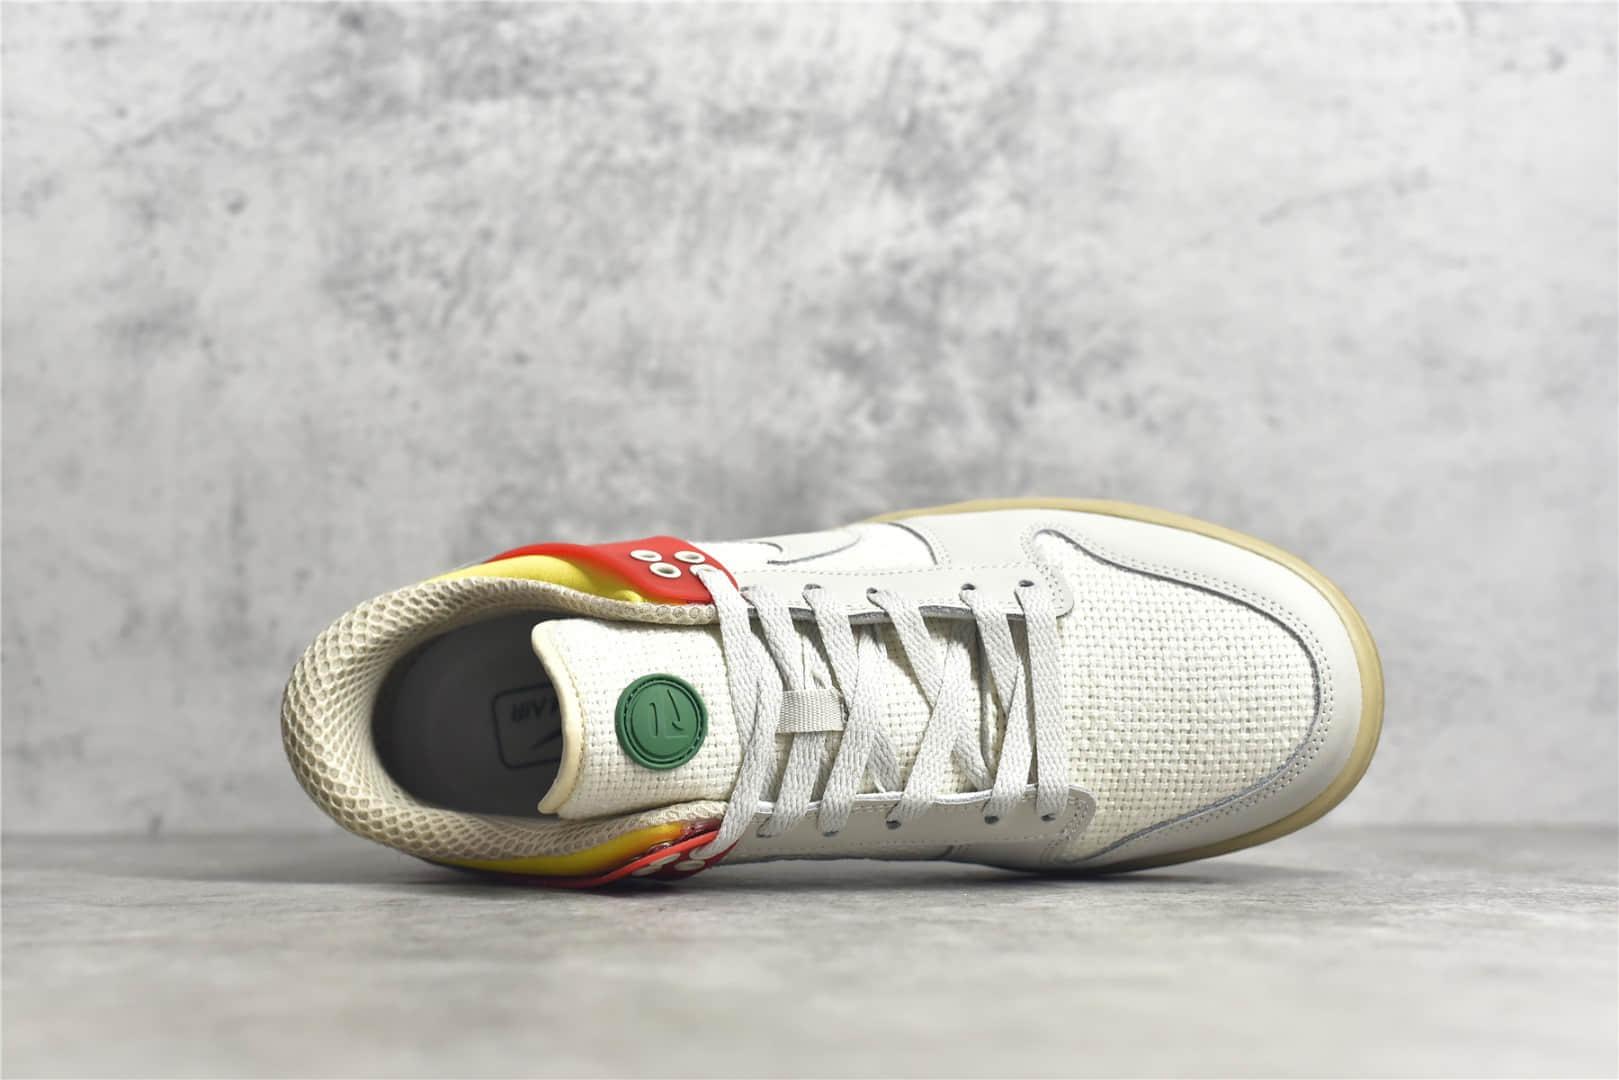 耐克Dunk SB牙买加纯原版本 Nike SB Dunk Low 耐克Dunk低帮板鞋 耐克新款 货号:316272-201-潮流者之家